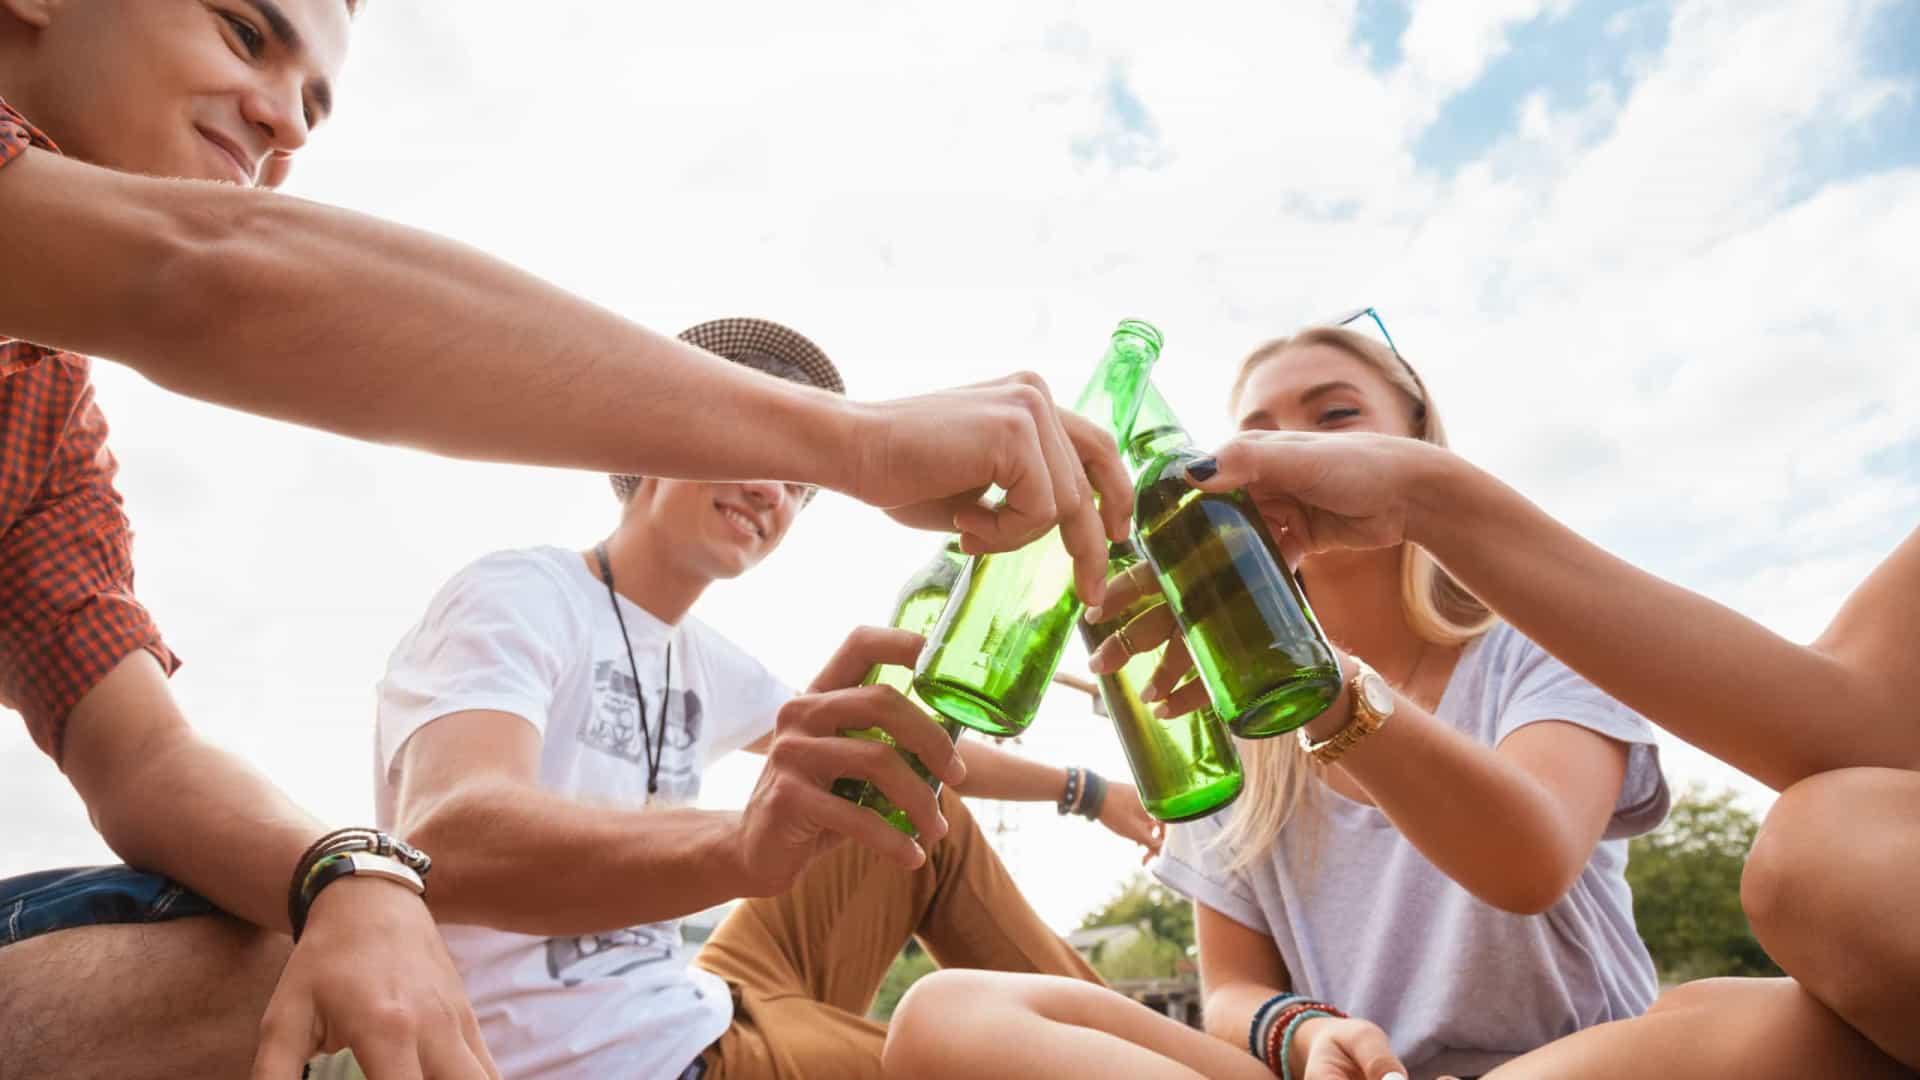 Beber álcool em excesso na adolescência modifica o cérebro 18